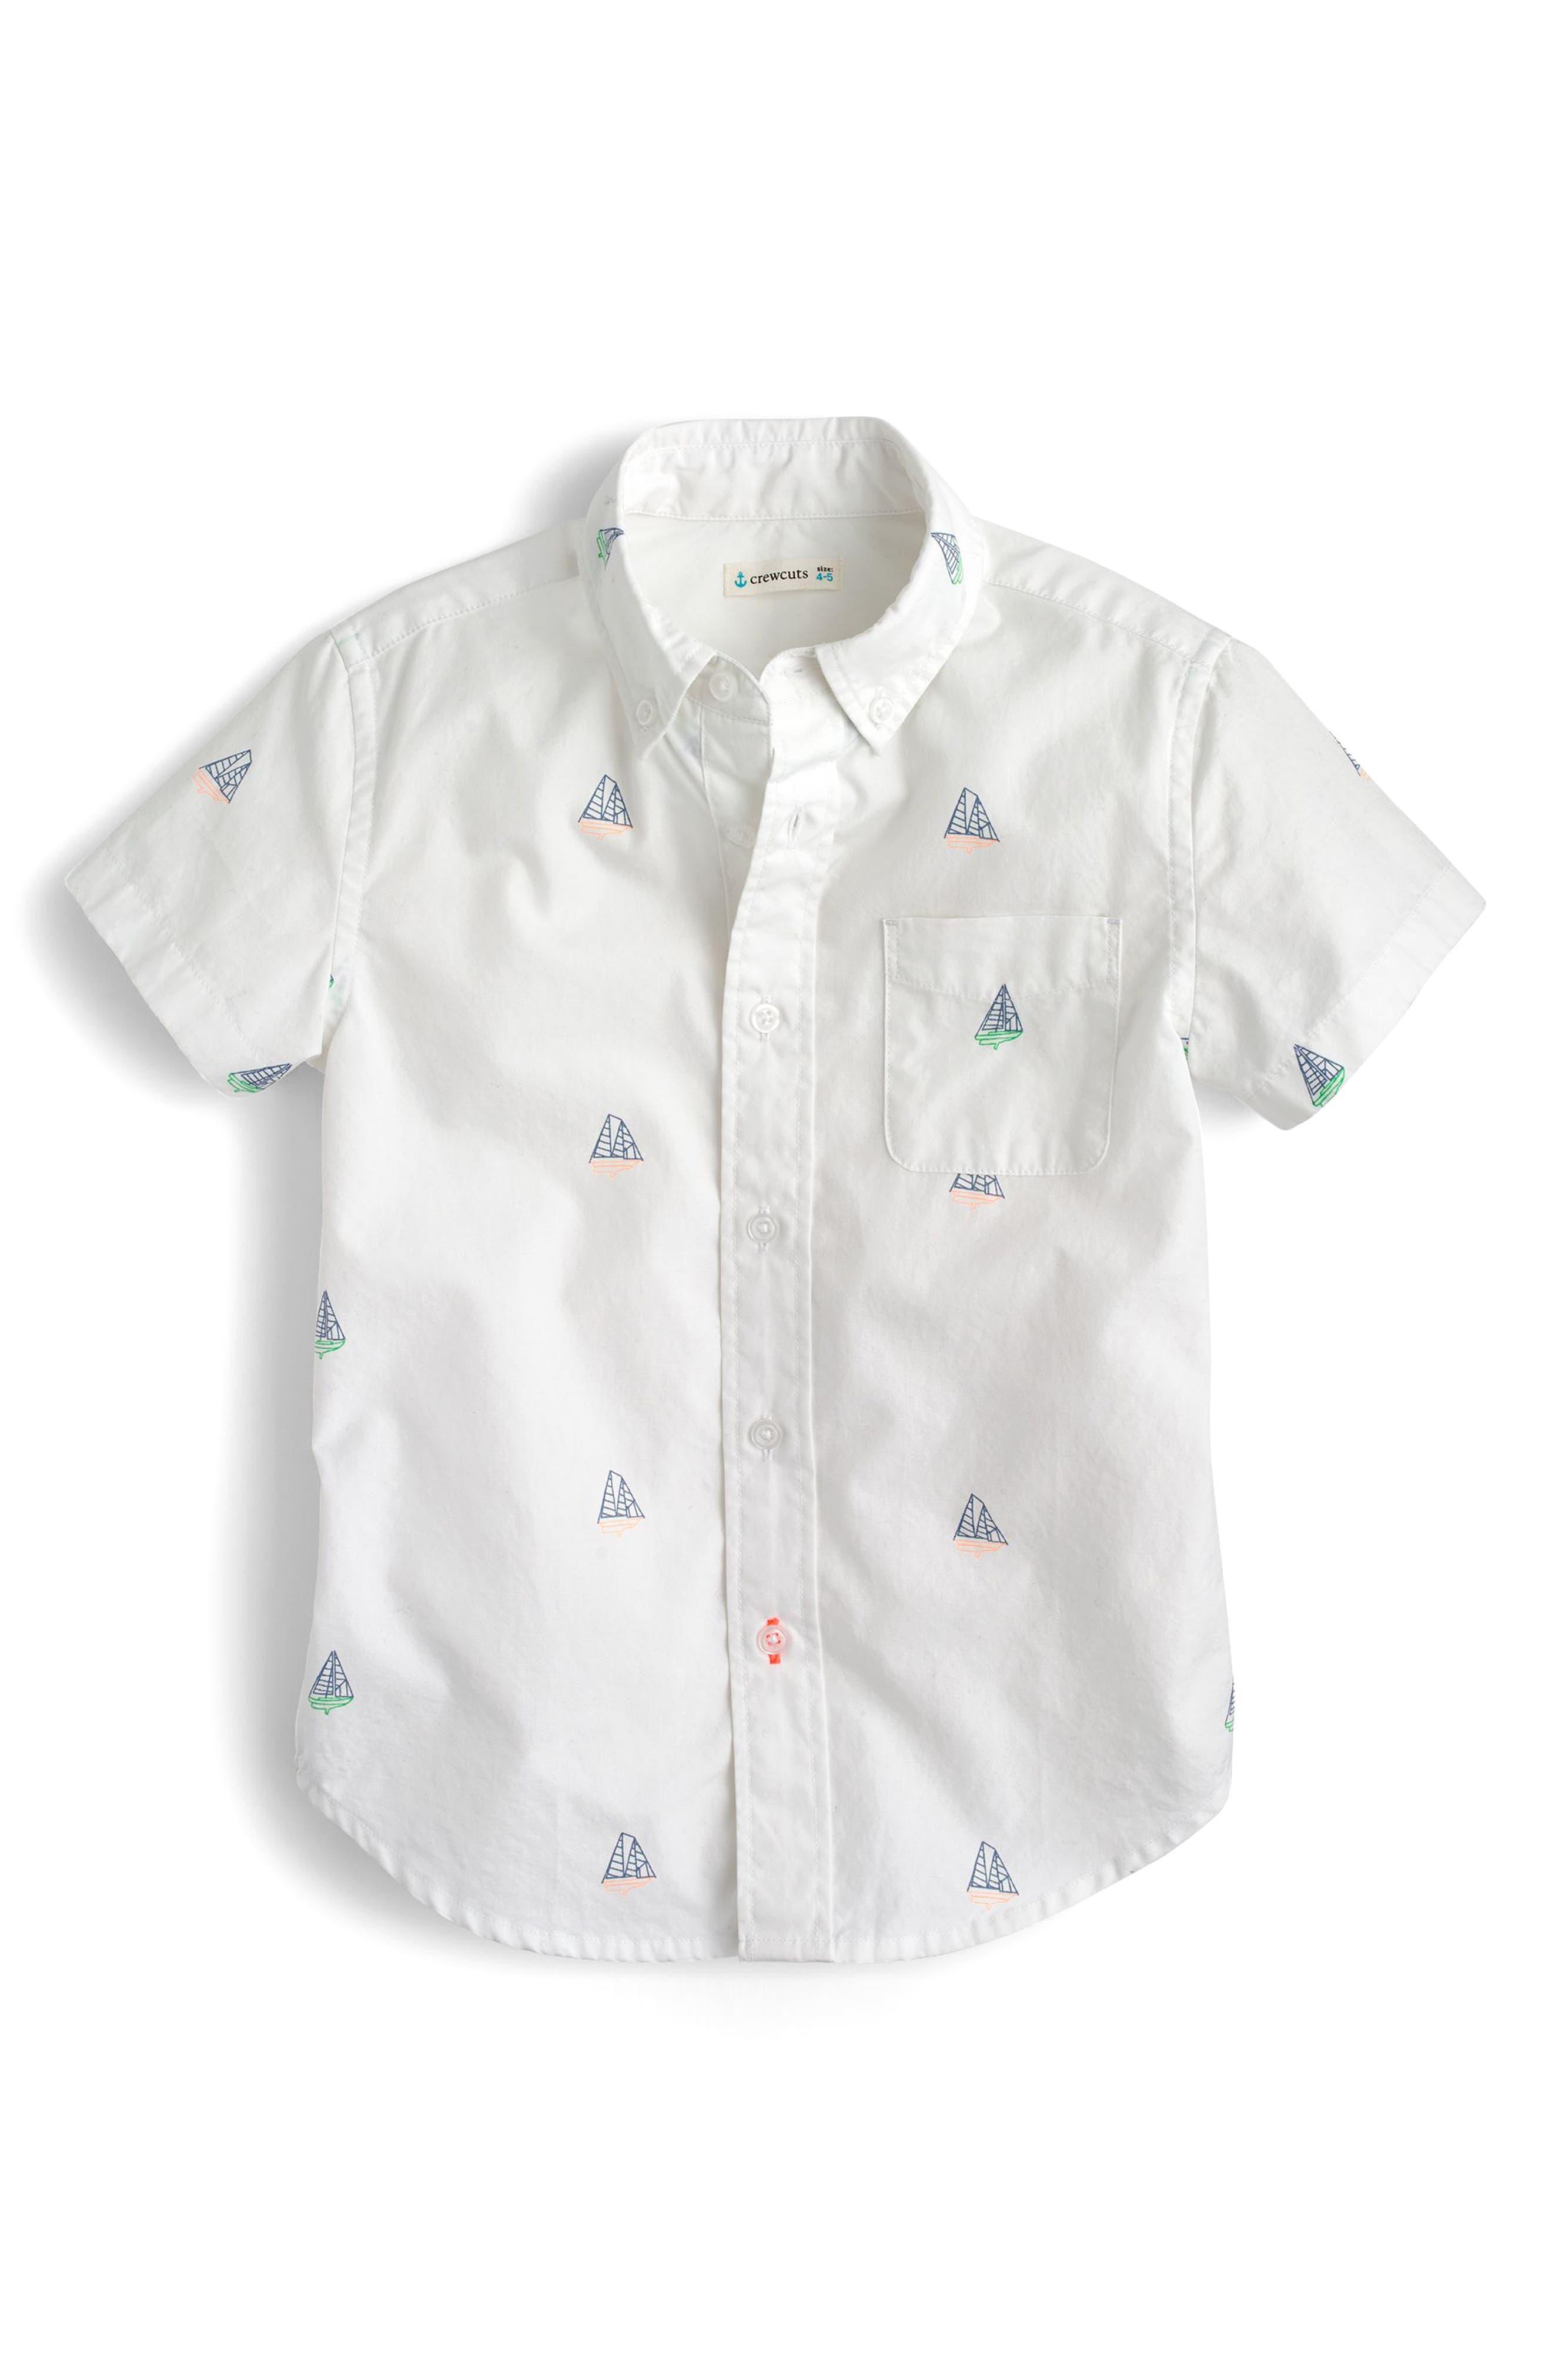 Critter Sailboats Short Sleeve Oxford Shirt,                             Main thumbnail 1, color,                             400